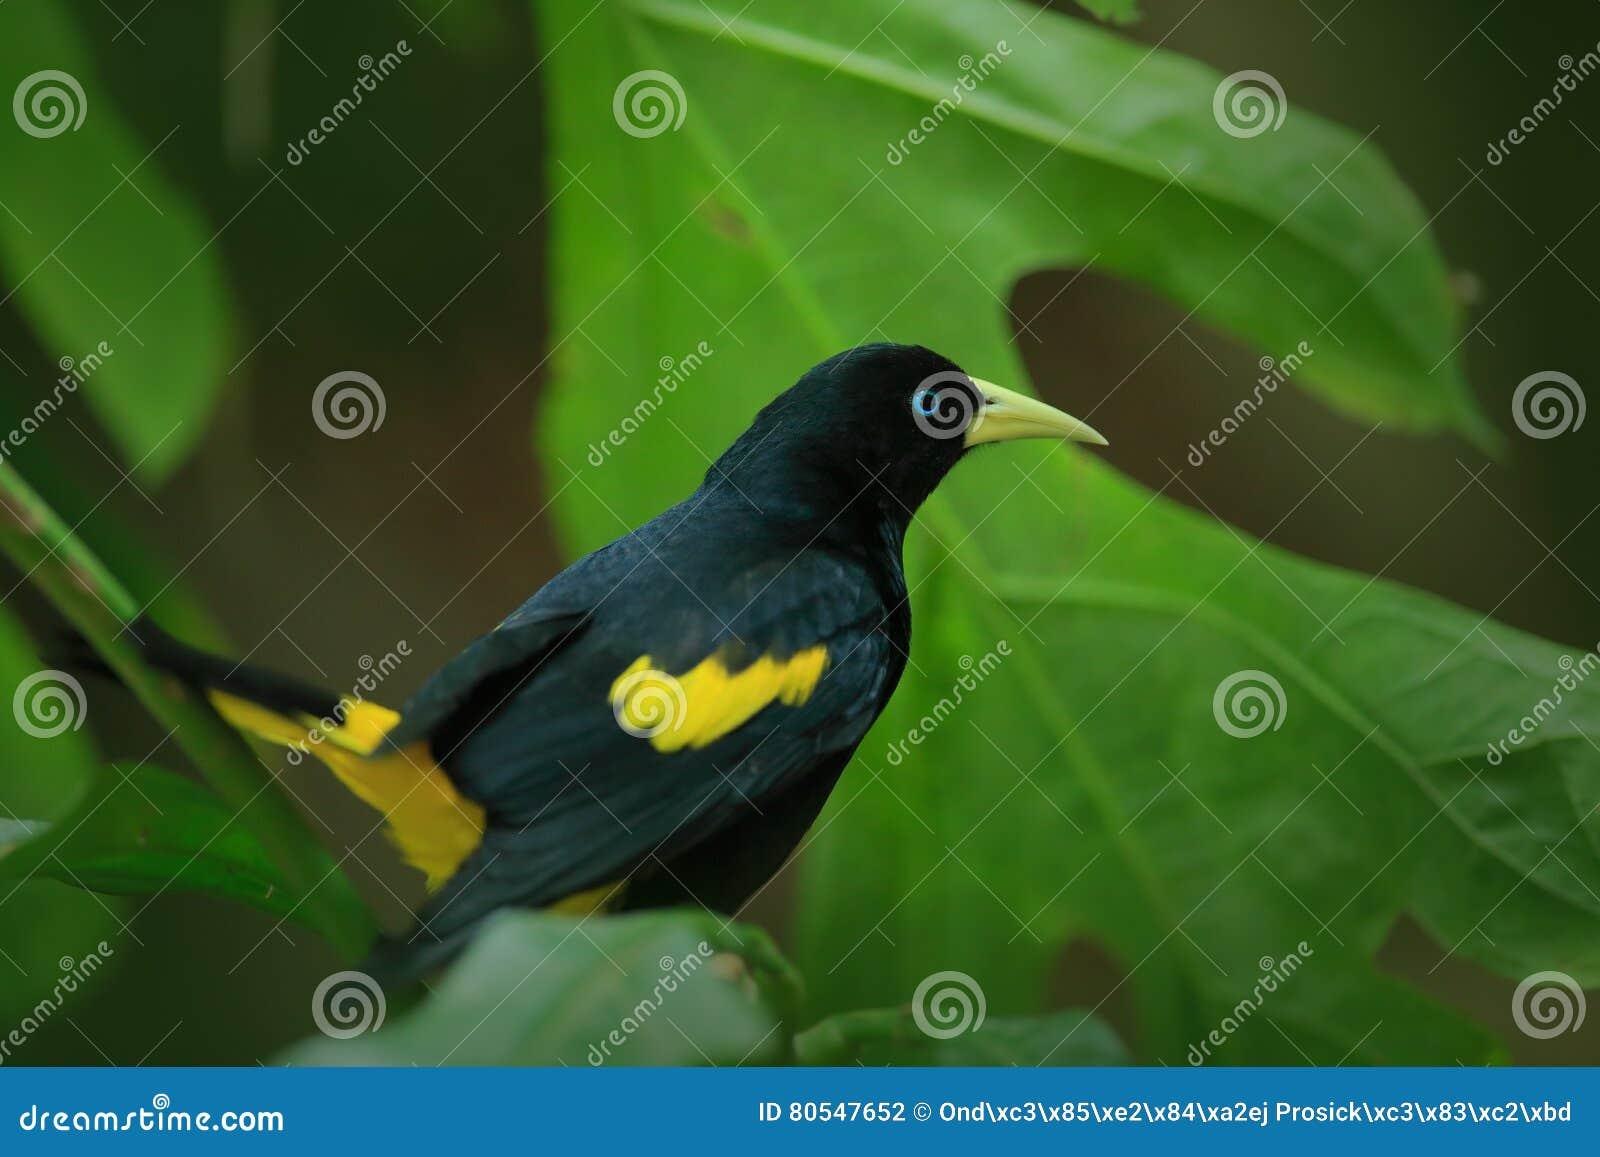 gelber rumped cacique cacicus cela im naturlebensraum schwarzer vogel mit gelben fl geln in. Black Bedroom Furniture Sets. Home Design Ideas